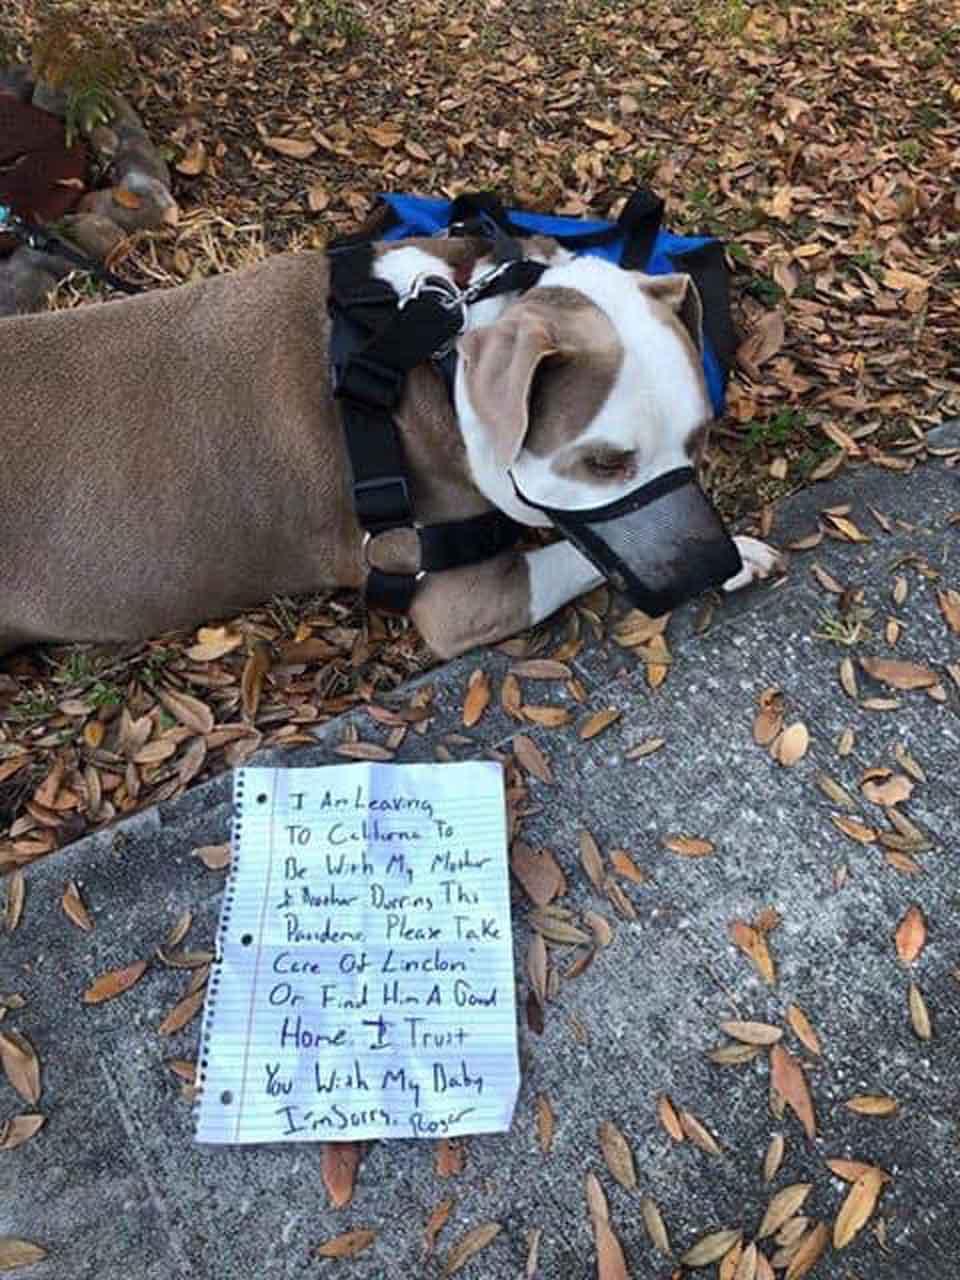 Perrito fue abandonado junto a una nota